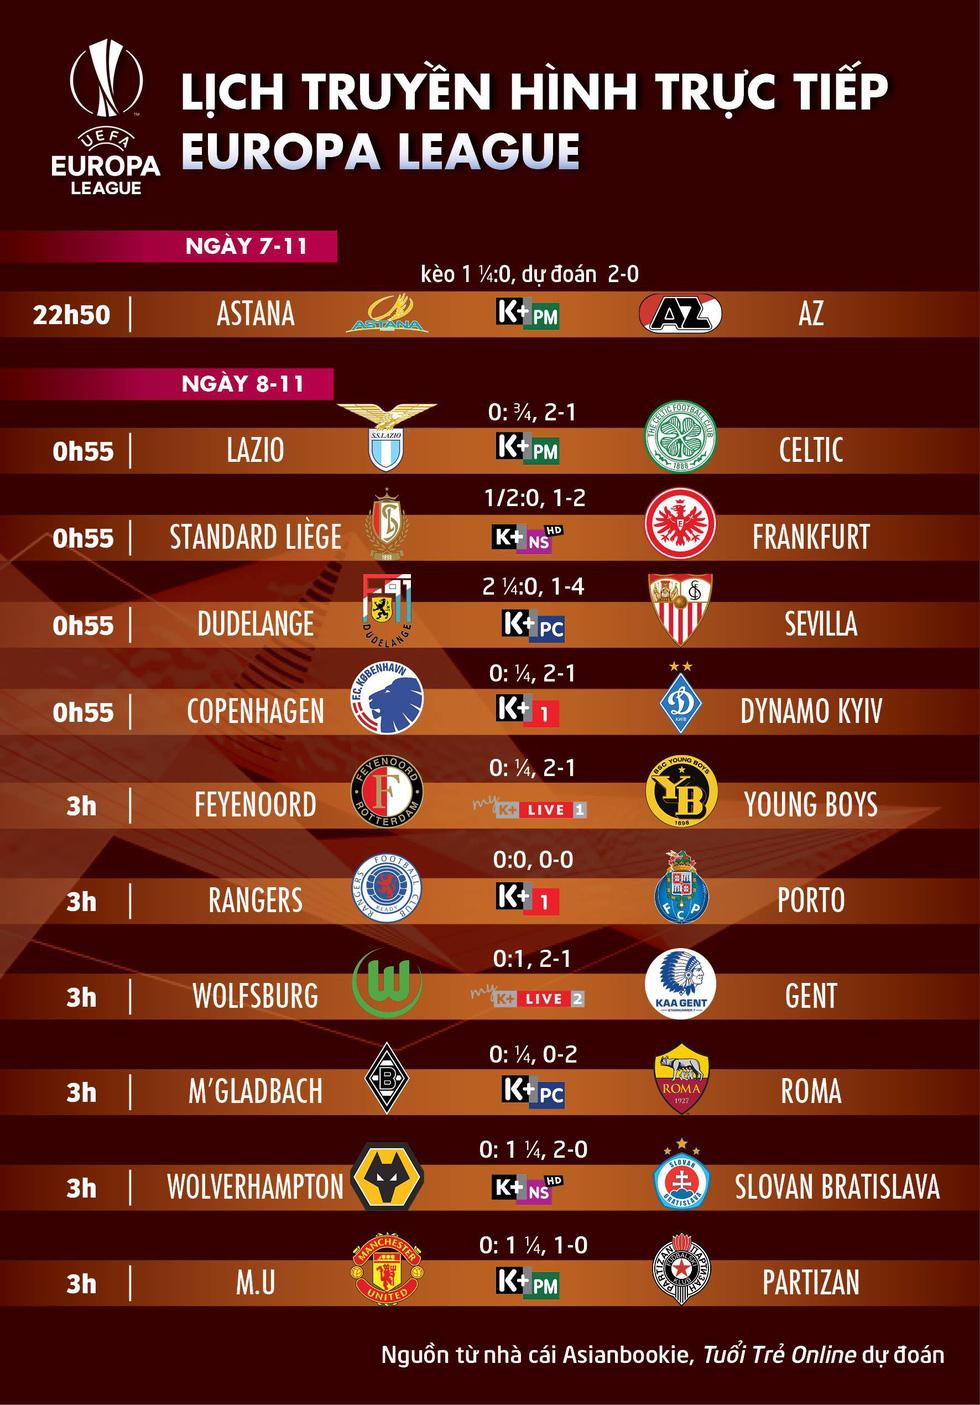 Lịch trực tiếp, kèo nhà cái, dự đoán Europa League ngày 8-11 - Ảnh 1.